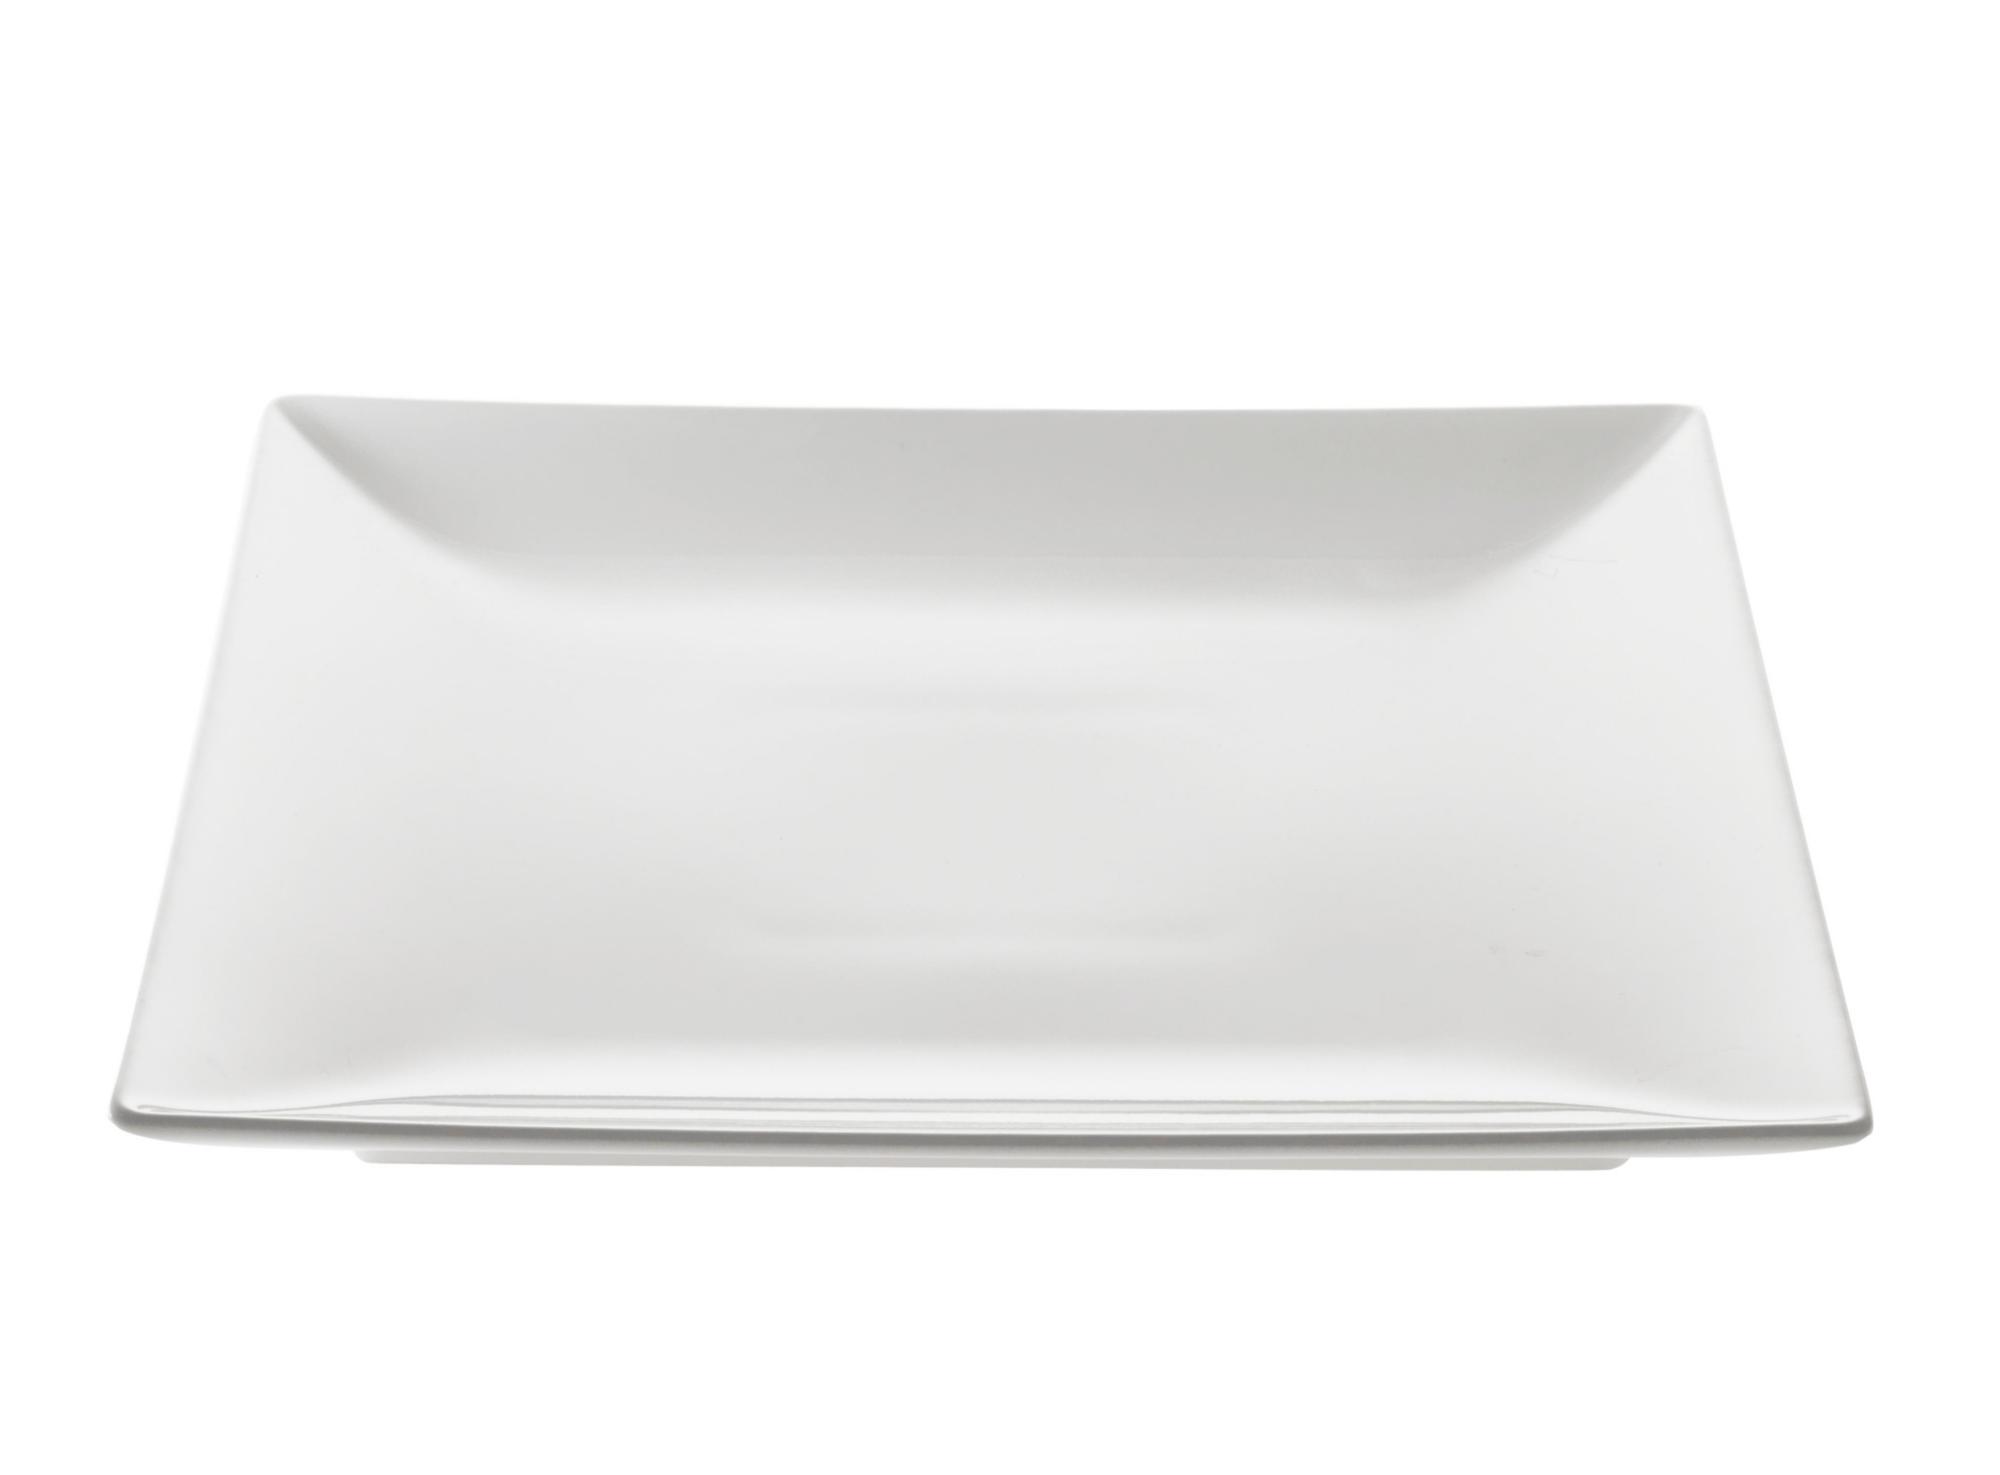 Assiette plate en gres emaillecoloris blanc resiste au lave -vaissell ...